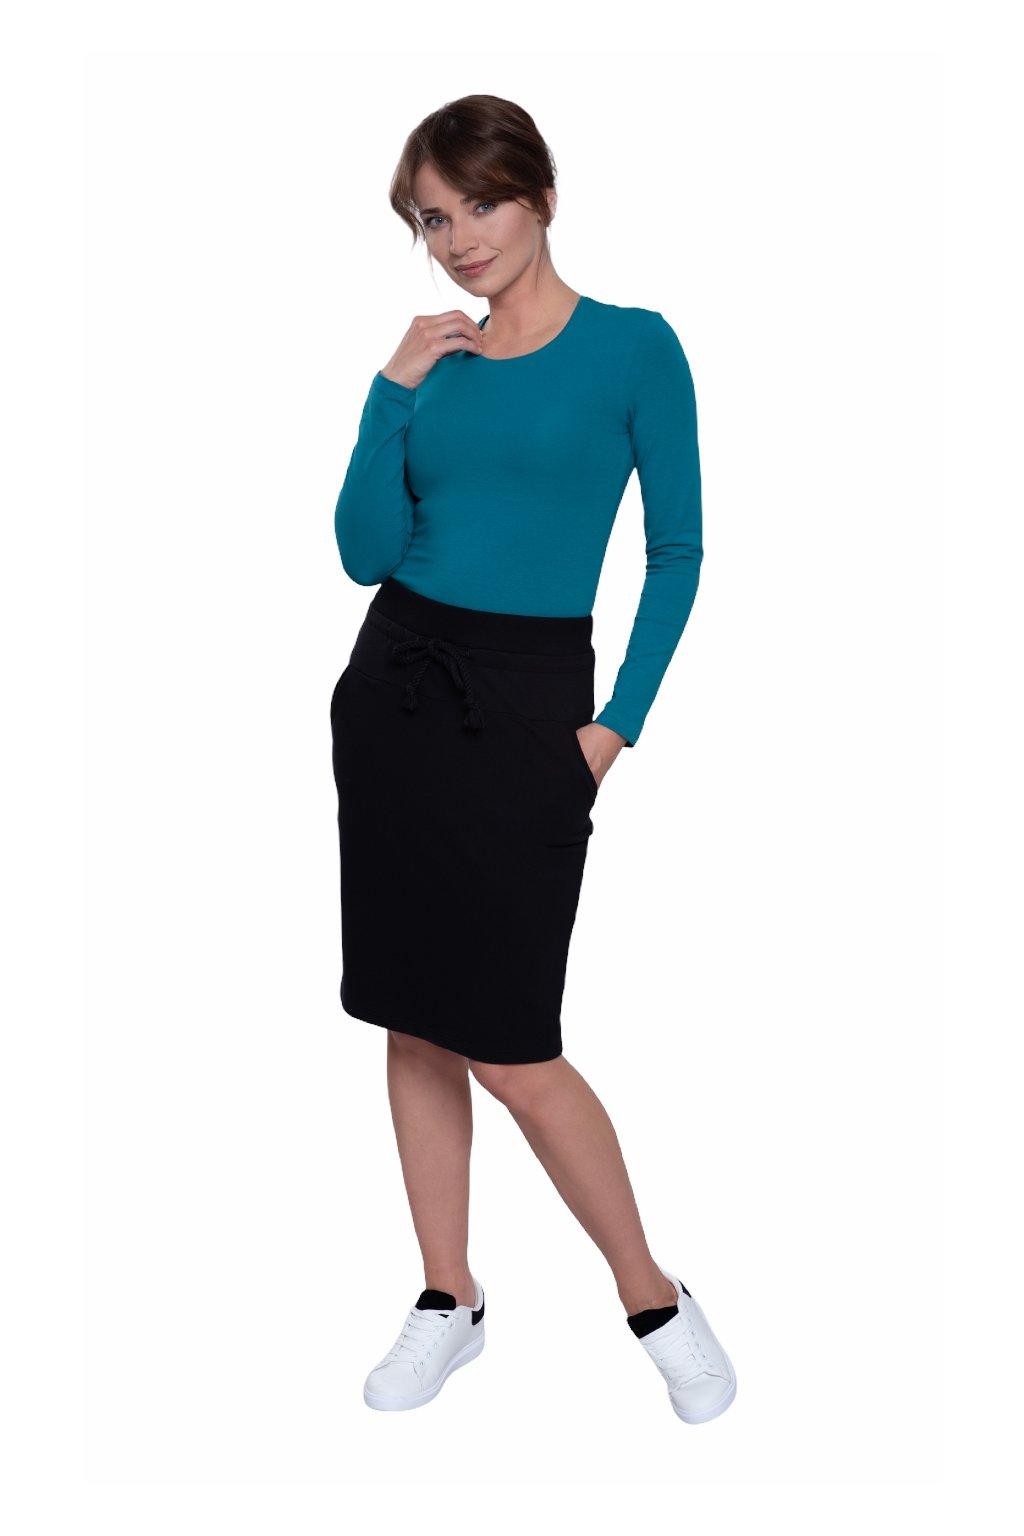 Dámská sukně, 105146 29, černá